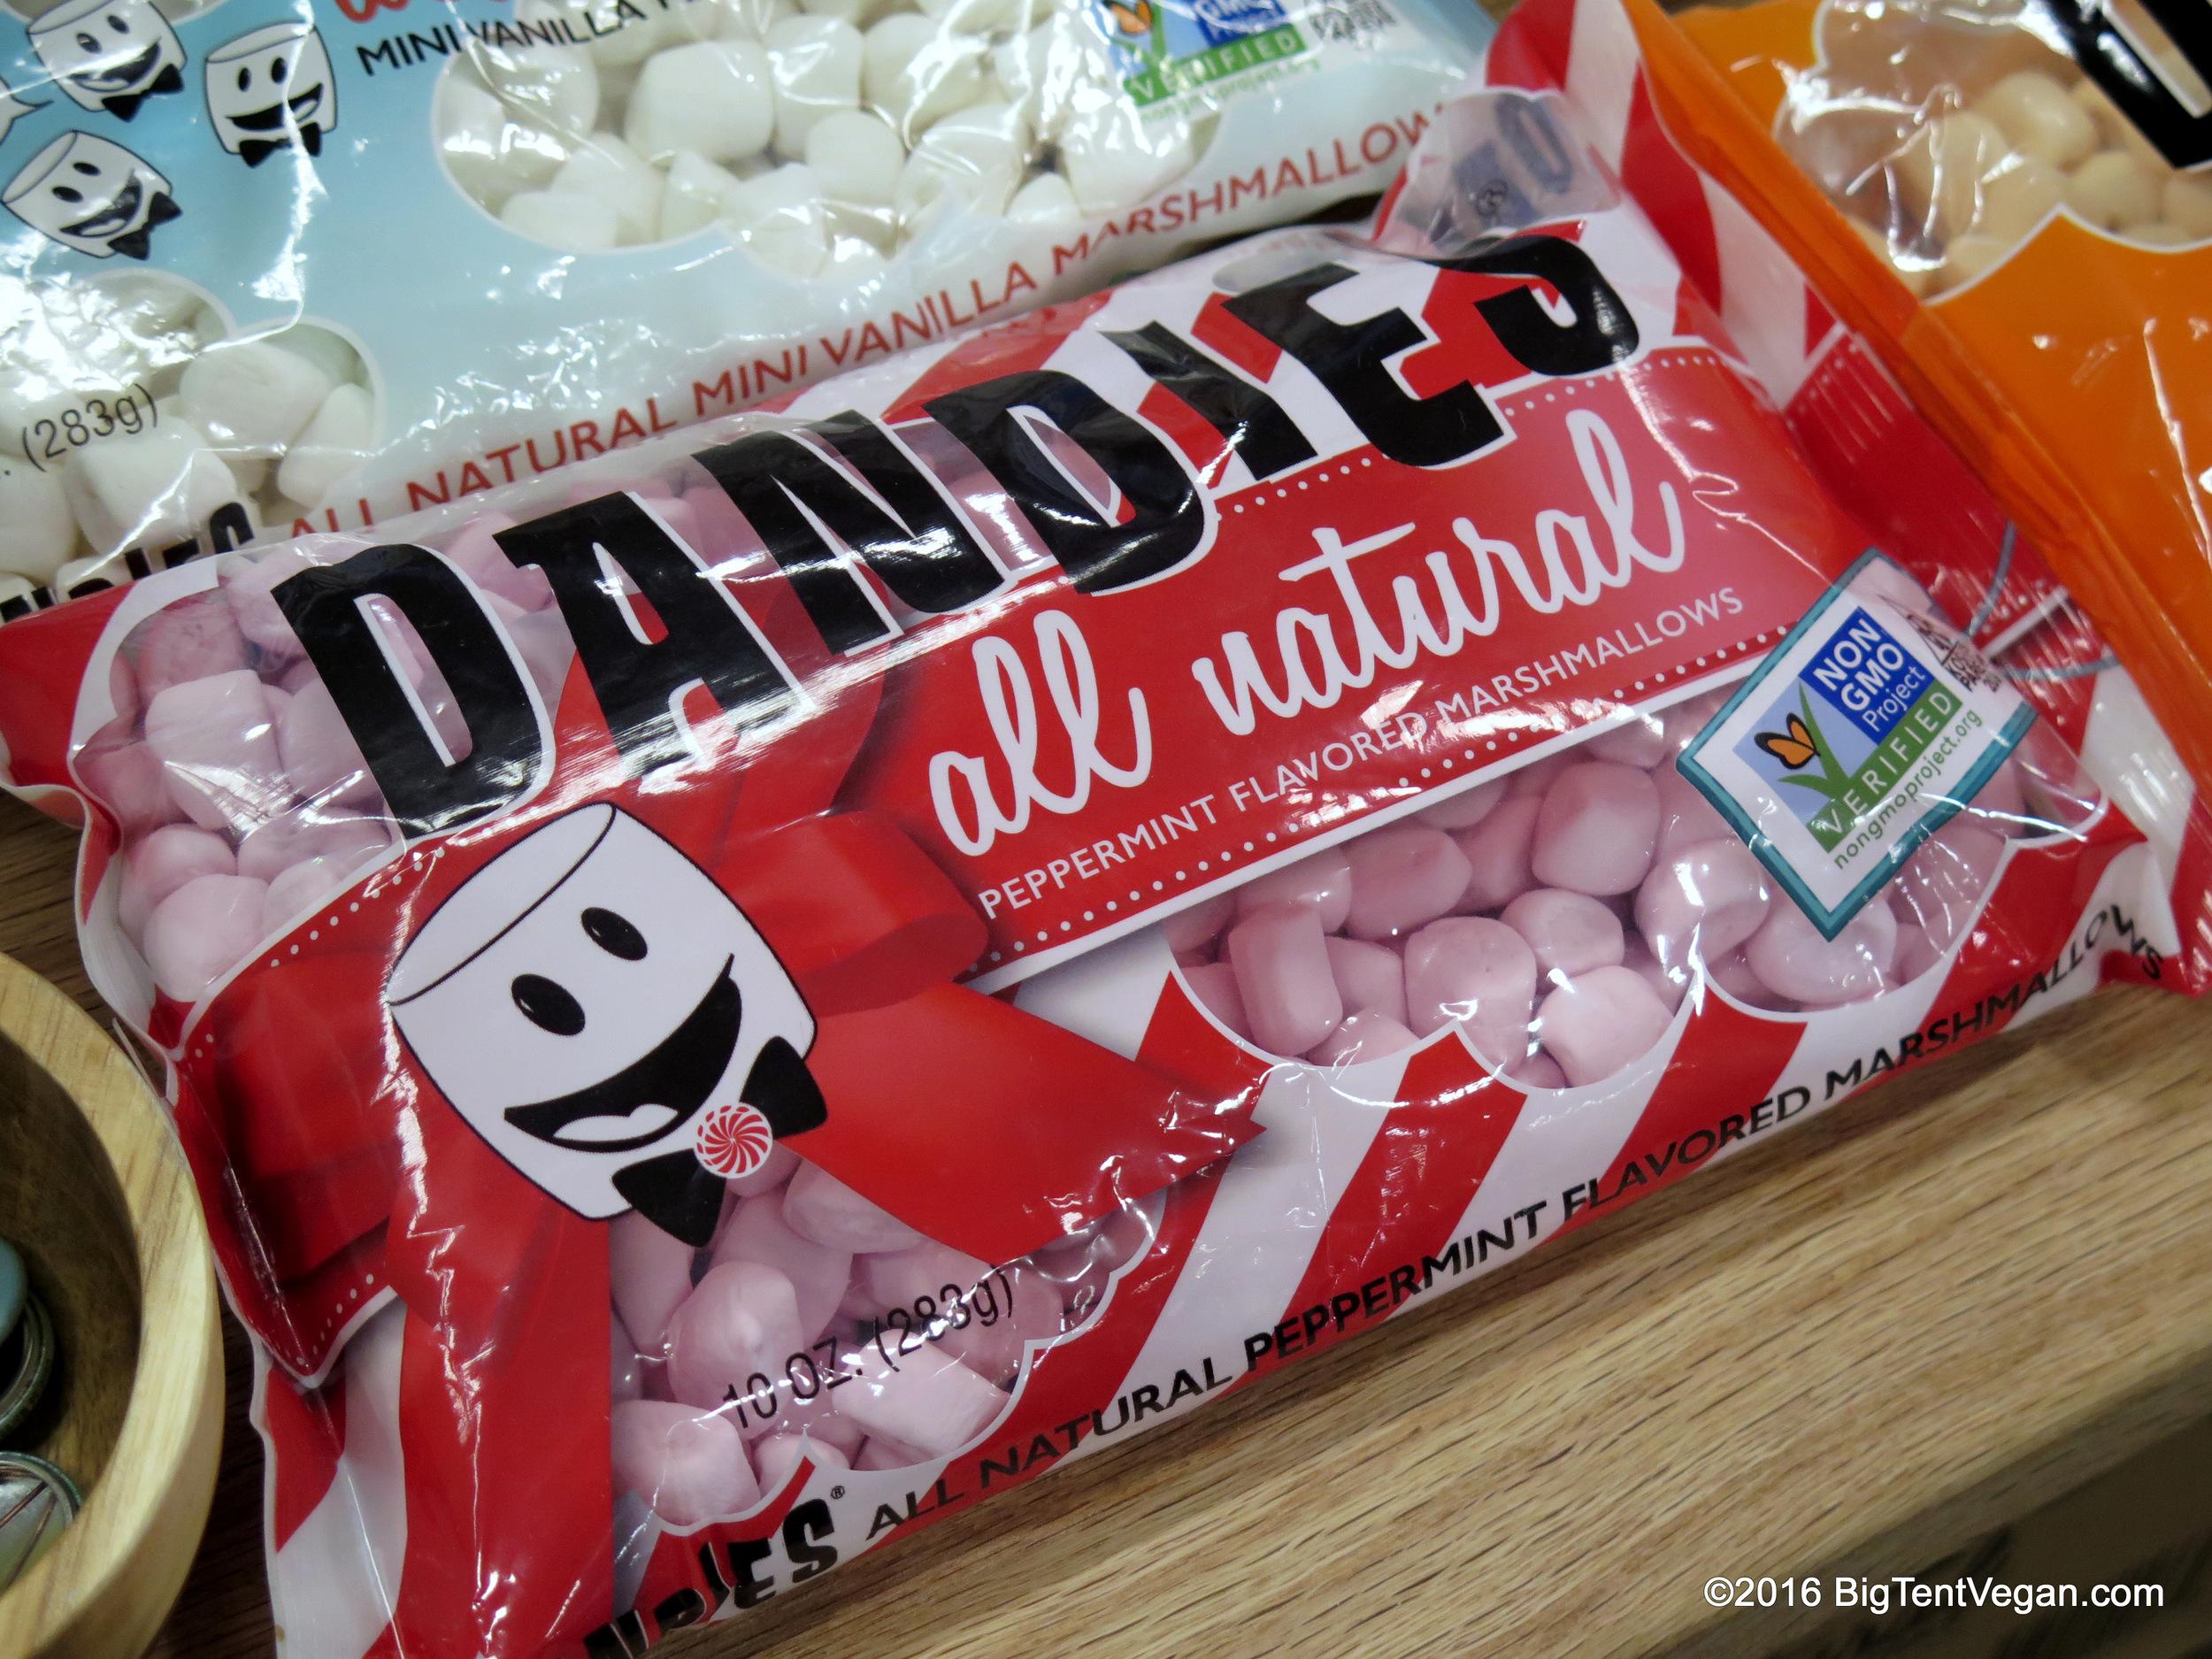 New seasonal Peppermint Dandies!